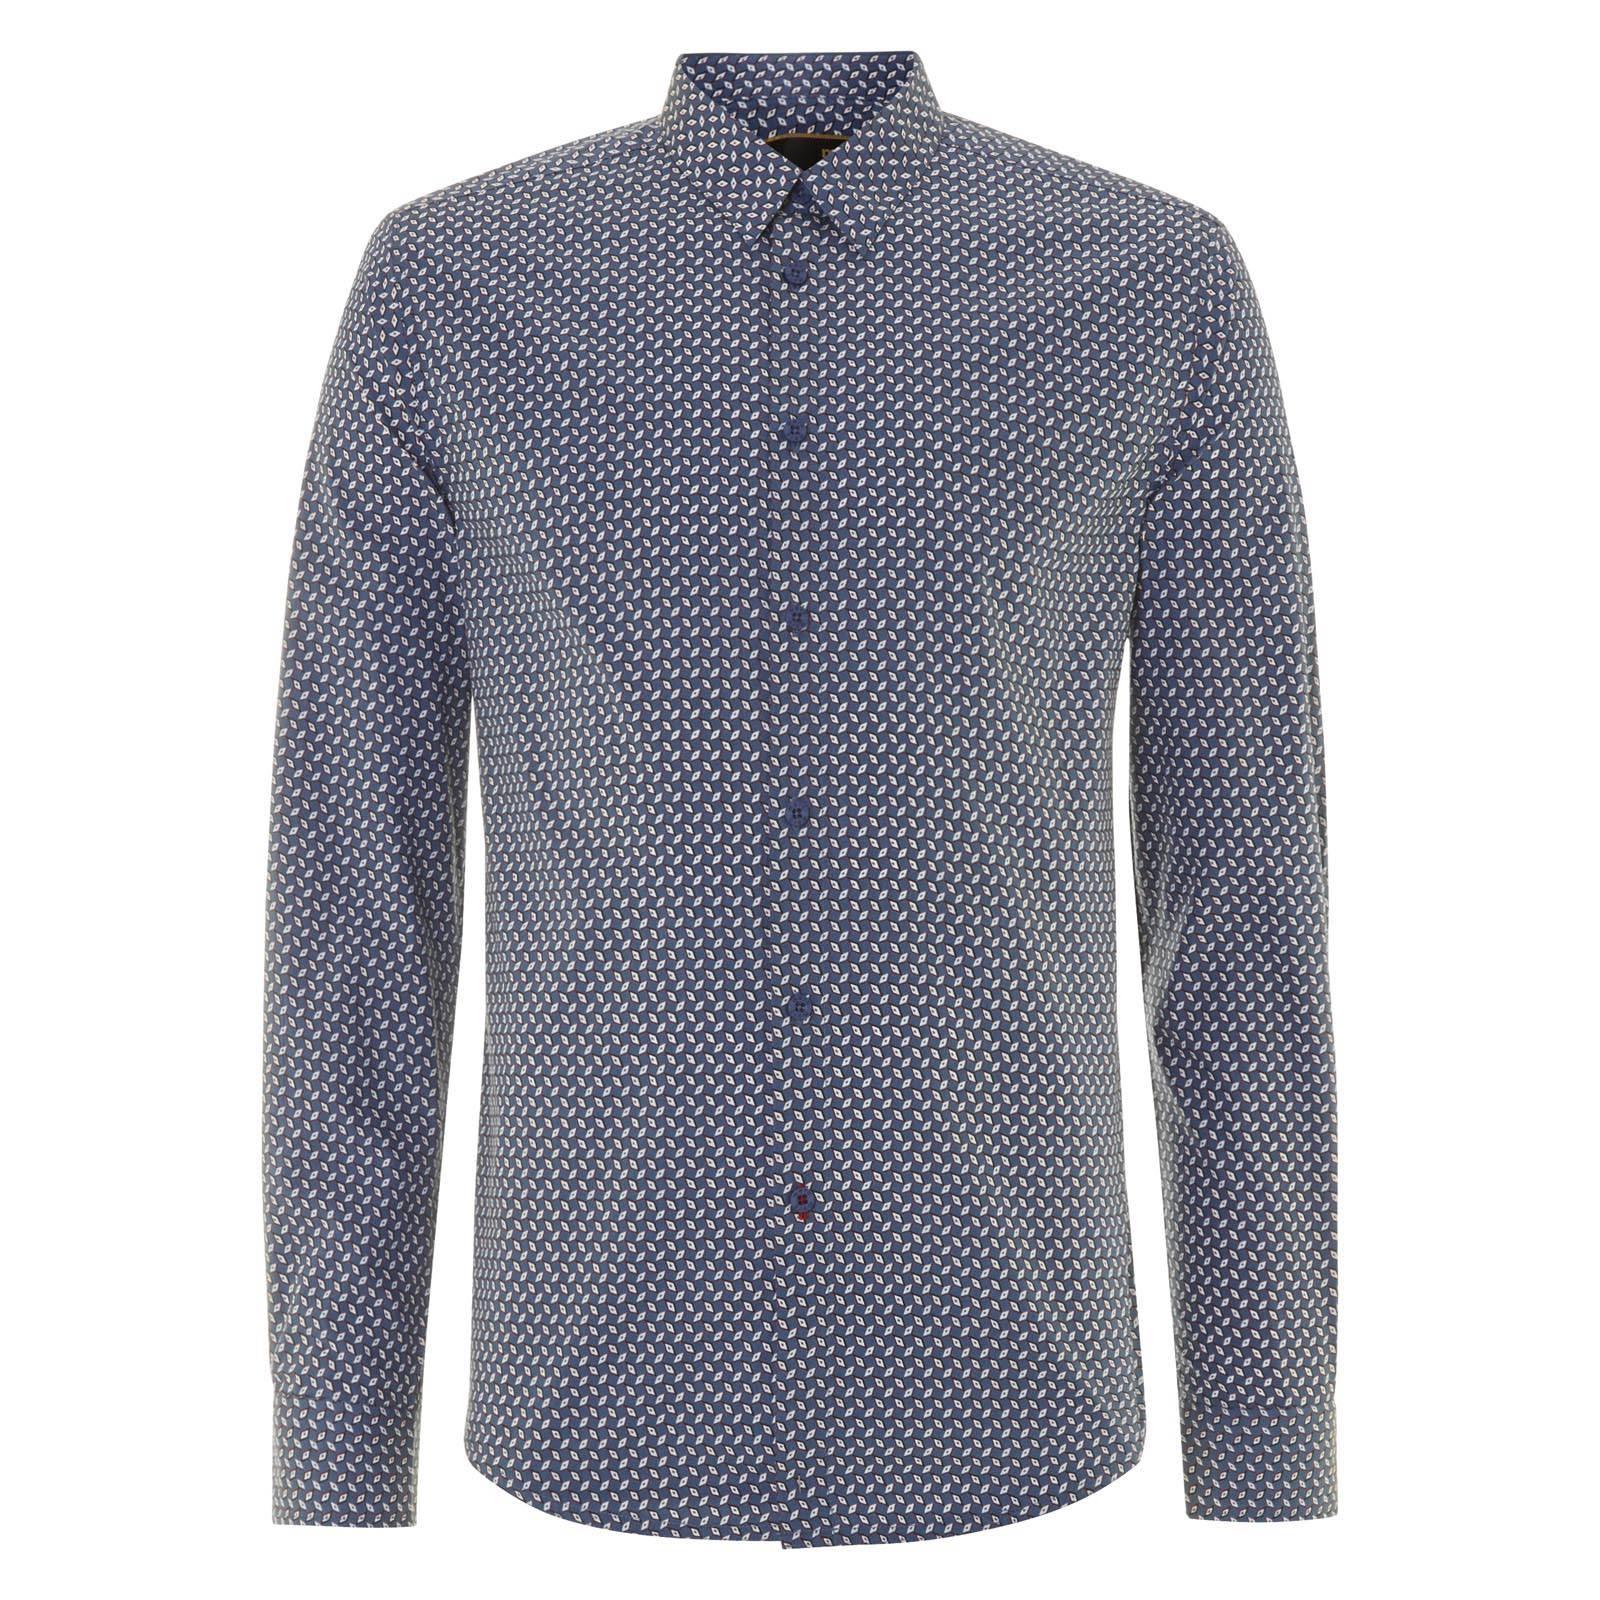 Рубашка Exeter от MercLondon